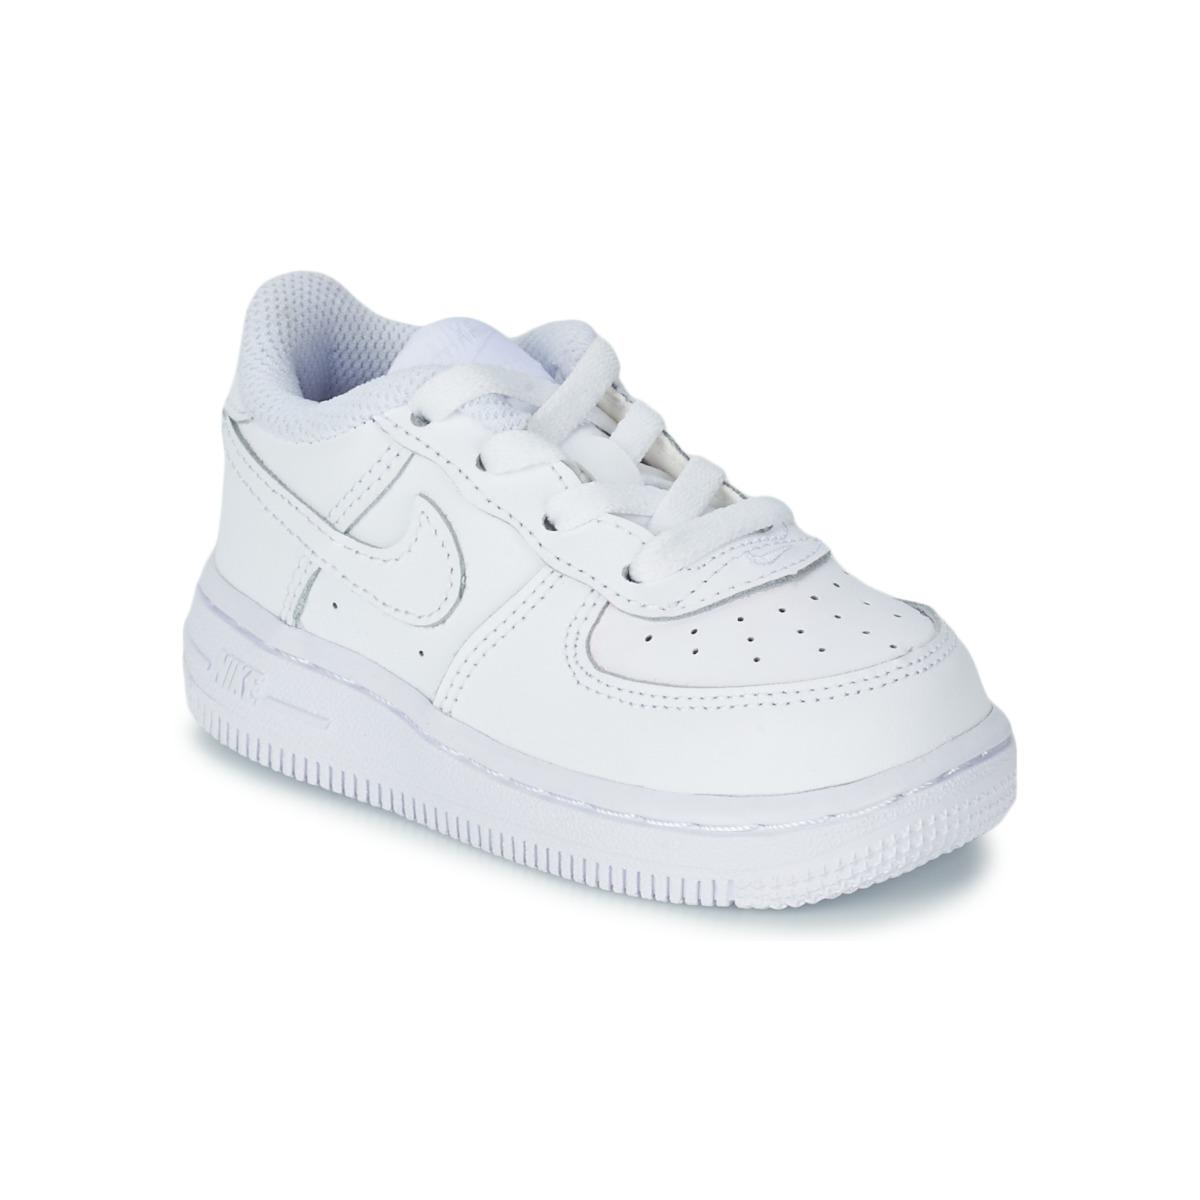 baskets basses nike air force 1 blanc livraison gratuite avec chaussures. Black Bedroom Furniture Sets. Home Design Ideas